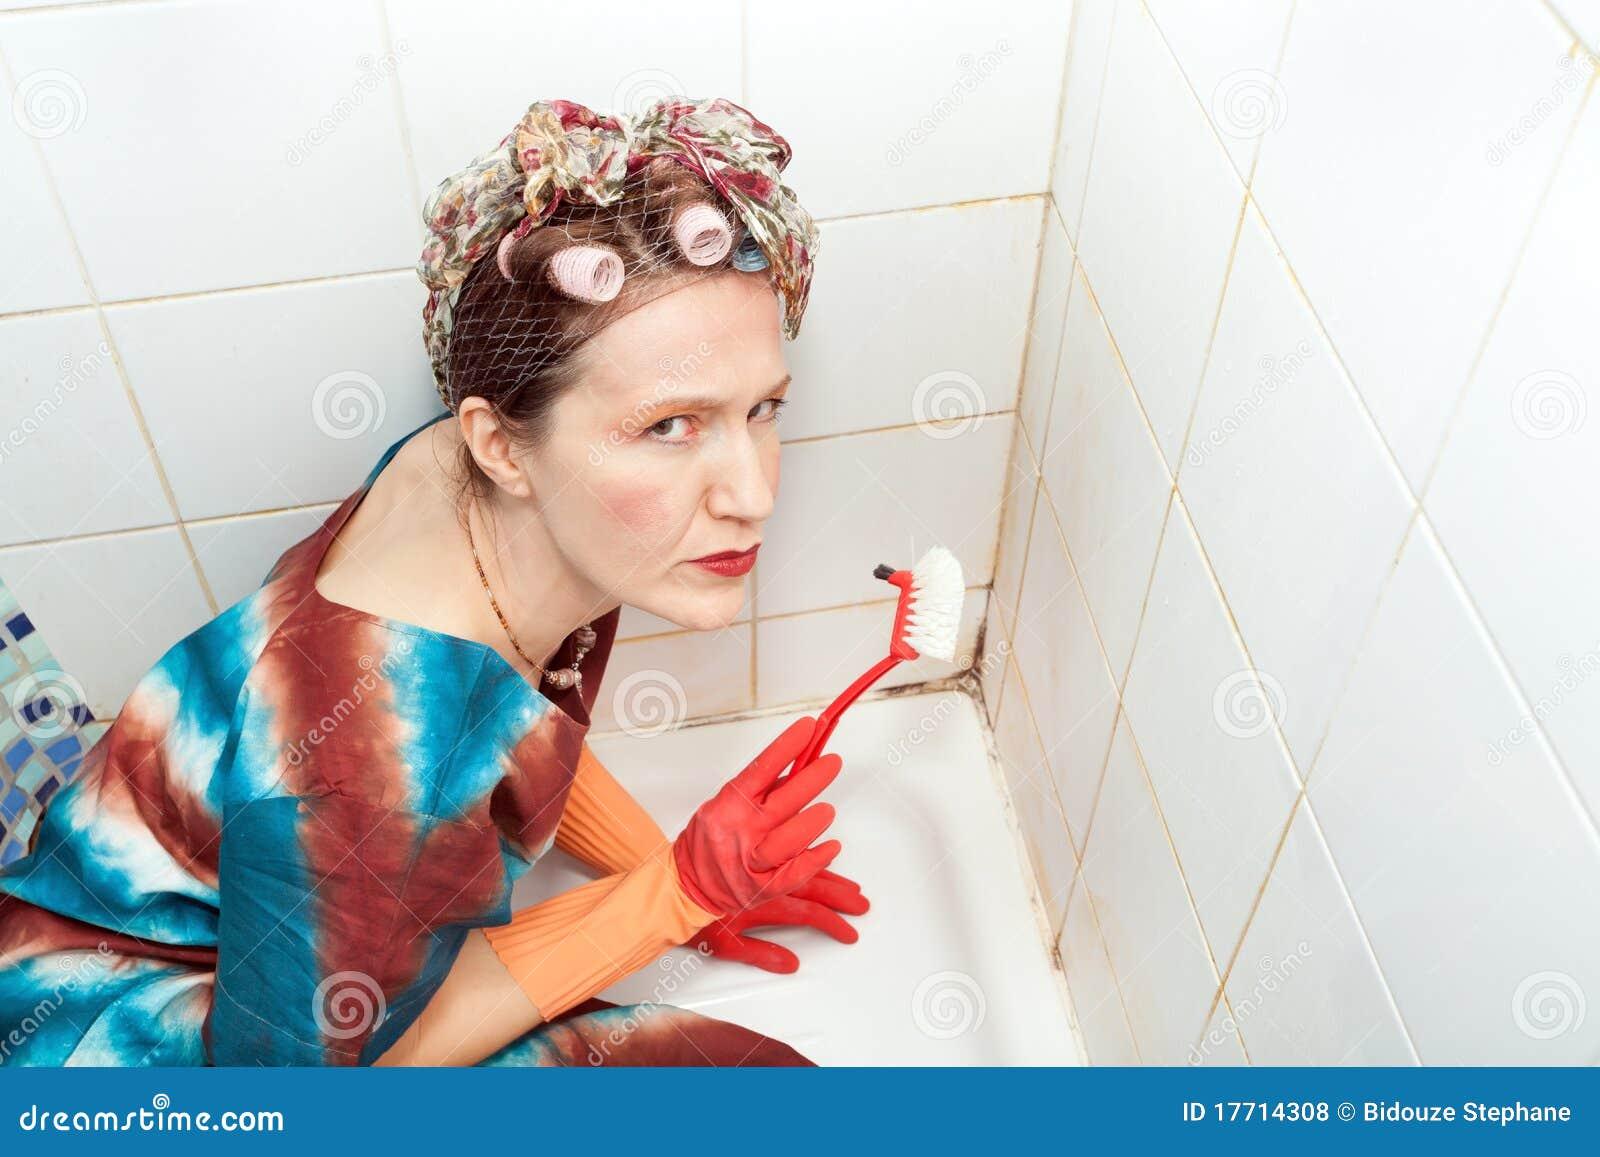 Imagenes De Baño Sucio:Woman Cleaning Bathroom